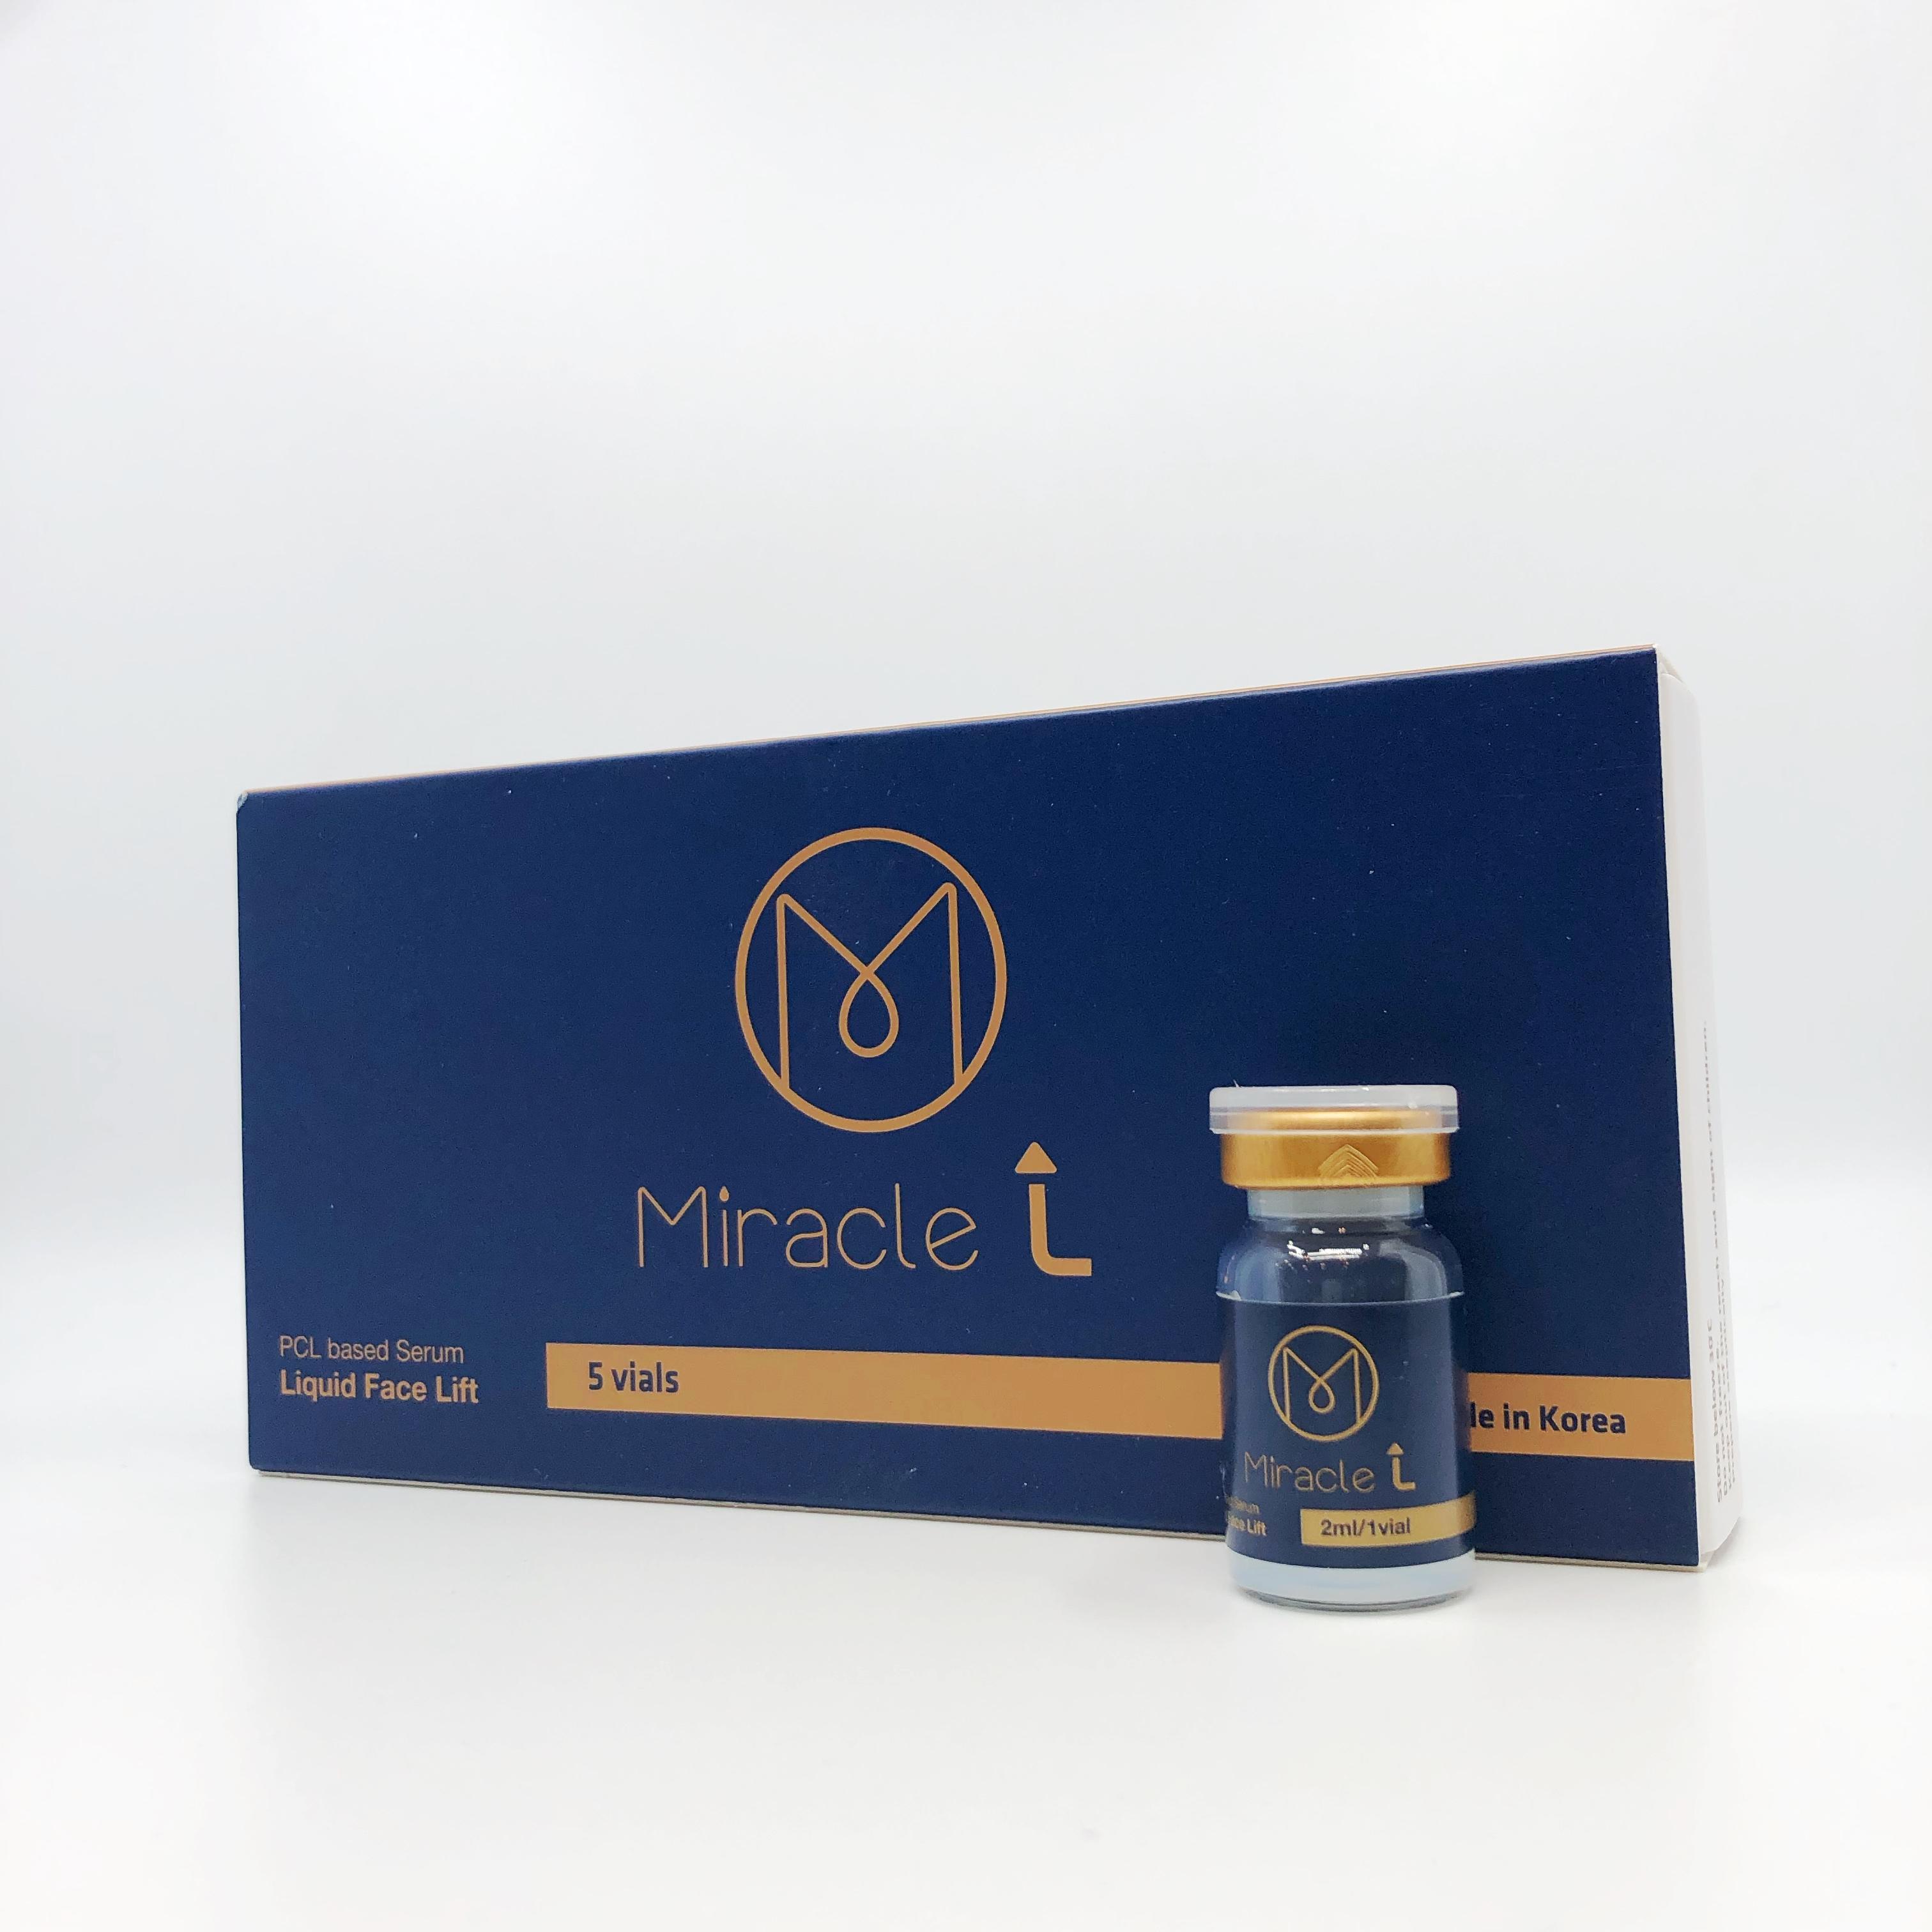 miracle-l-pcl-mezoterapia-polikaprolaktonem-hurtownia-kosmetyczna-cosmed24